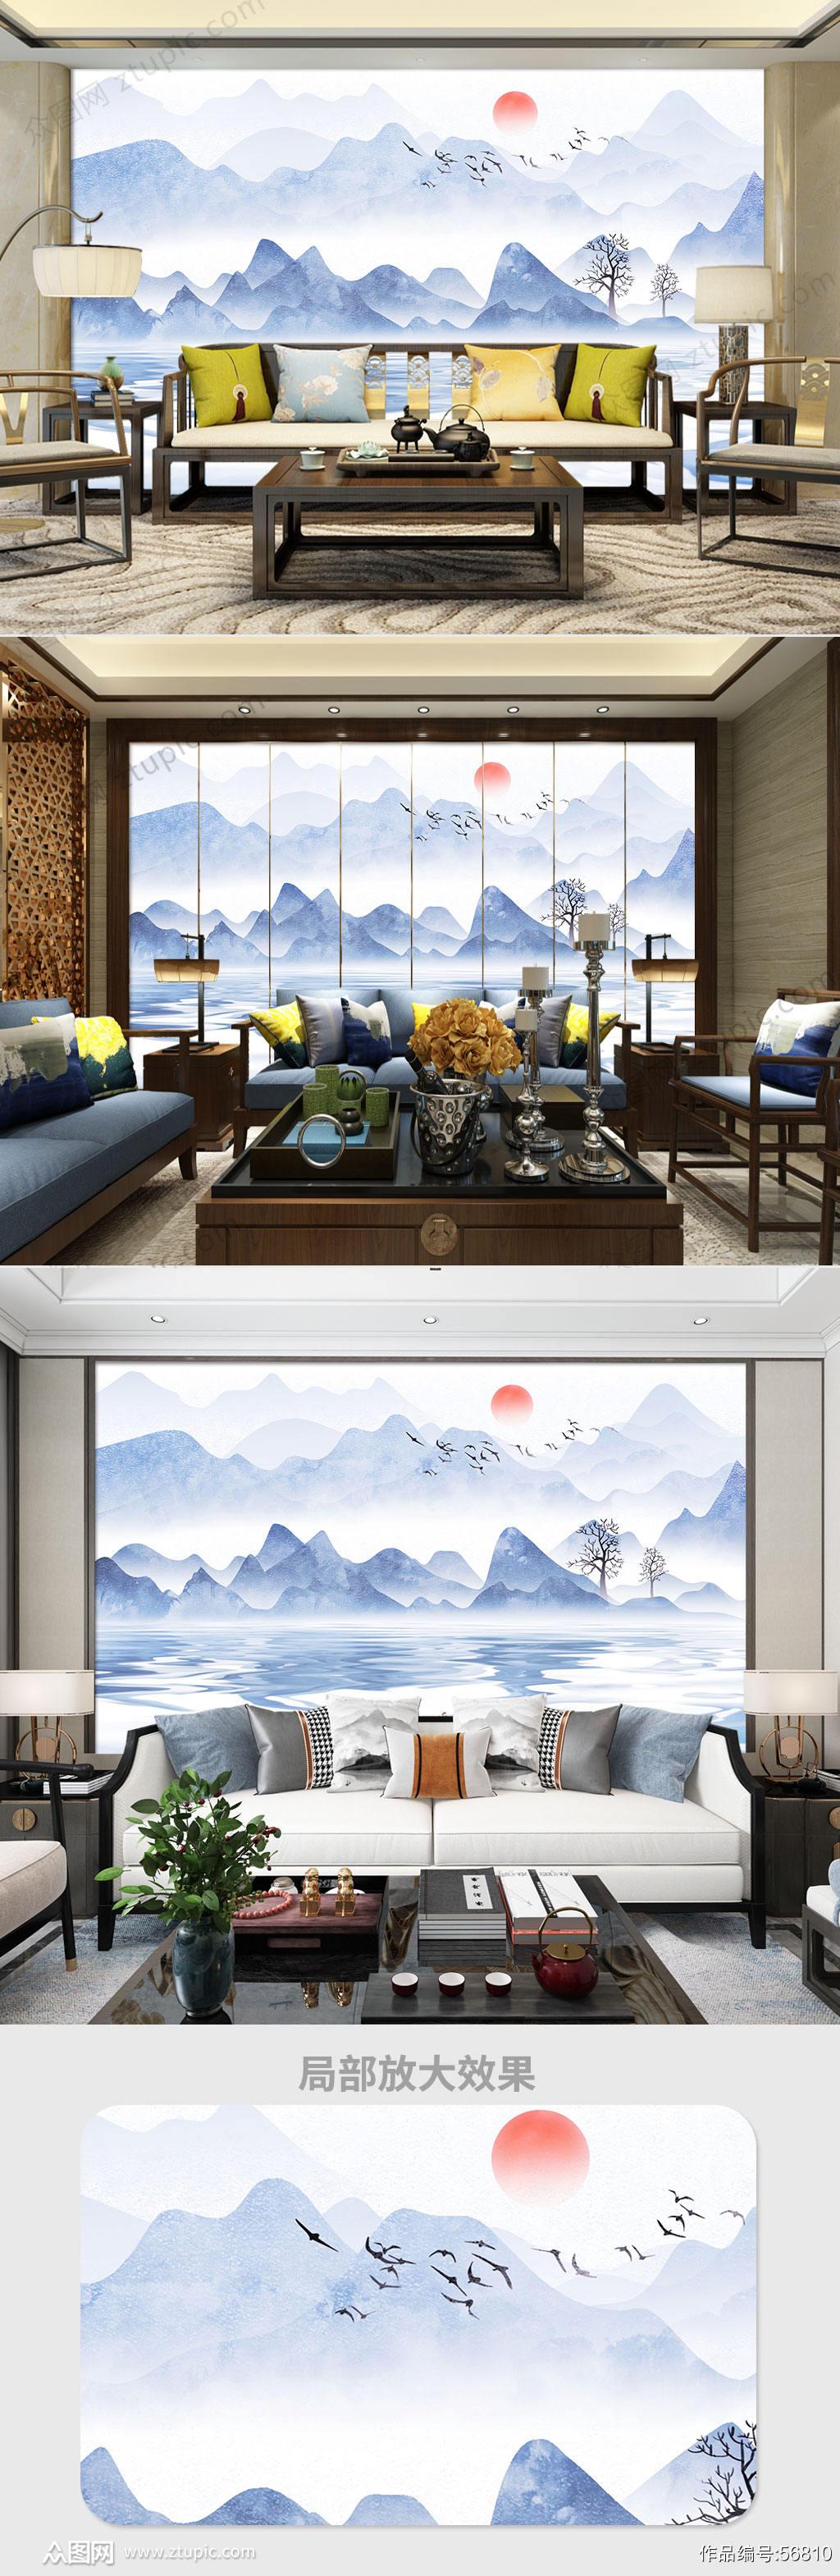 简约山水中式电视背景墙素材